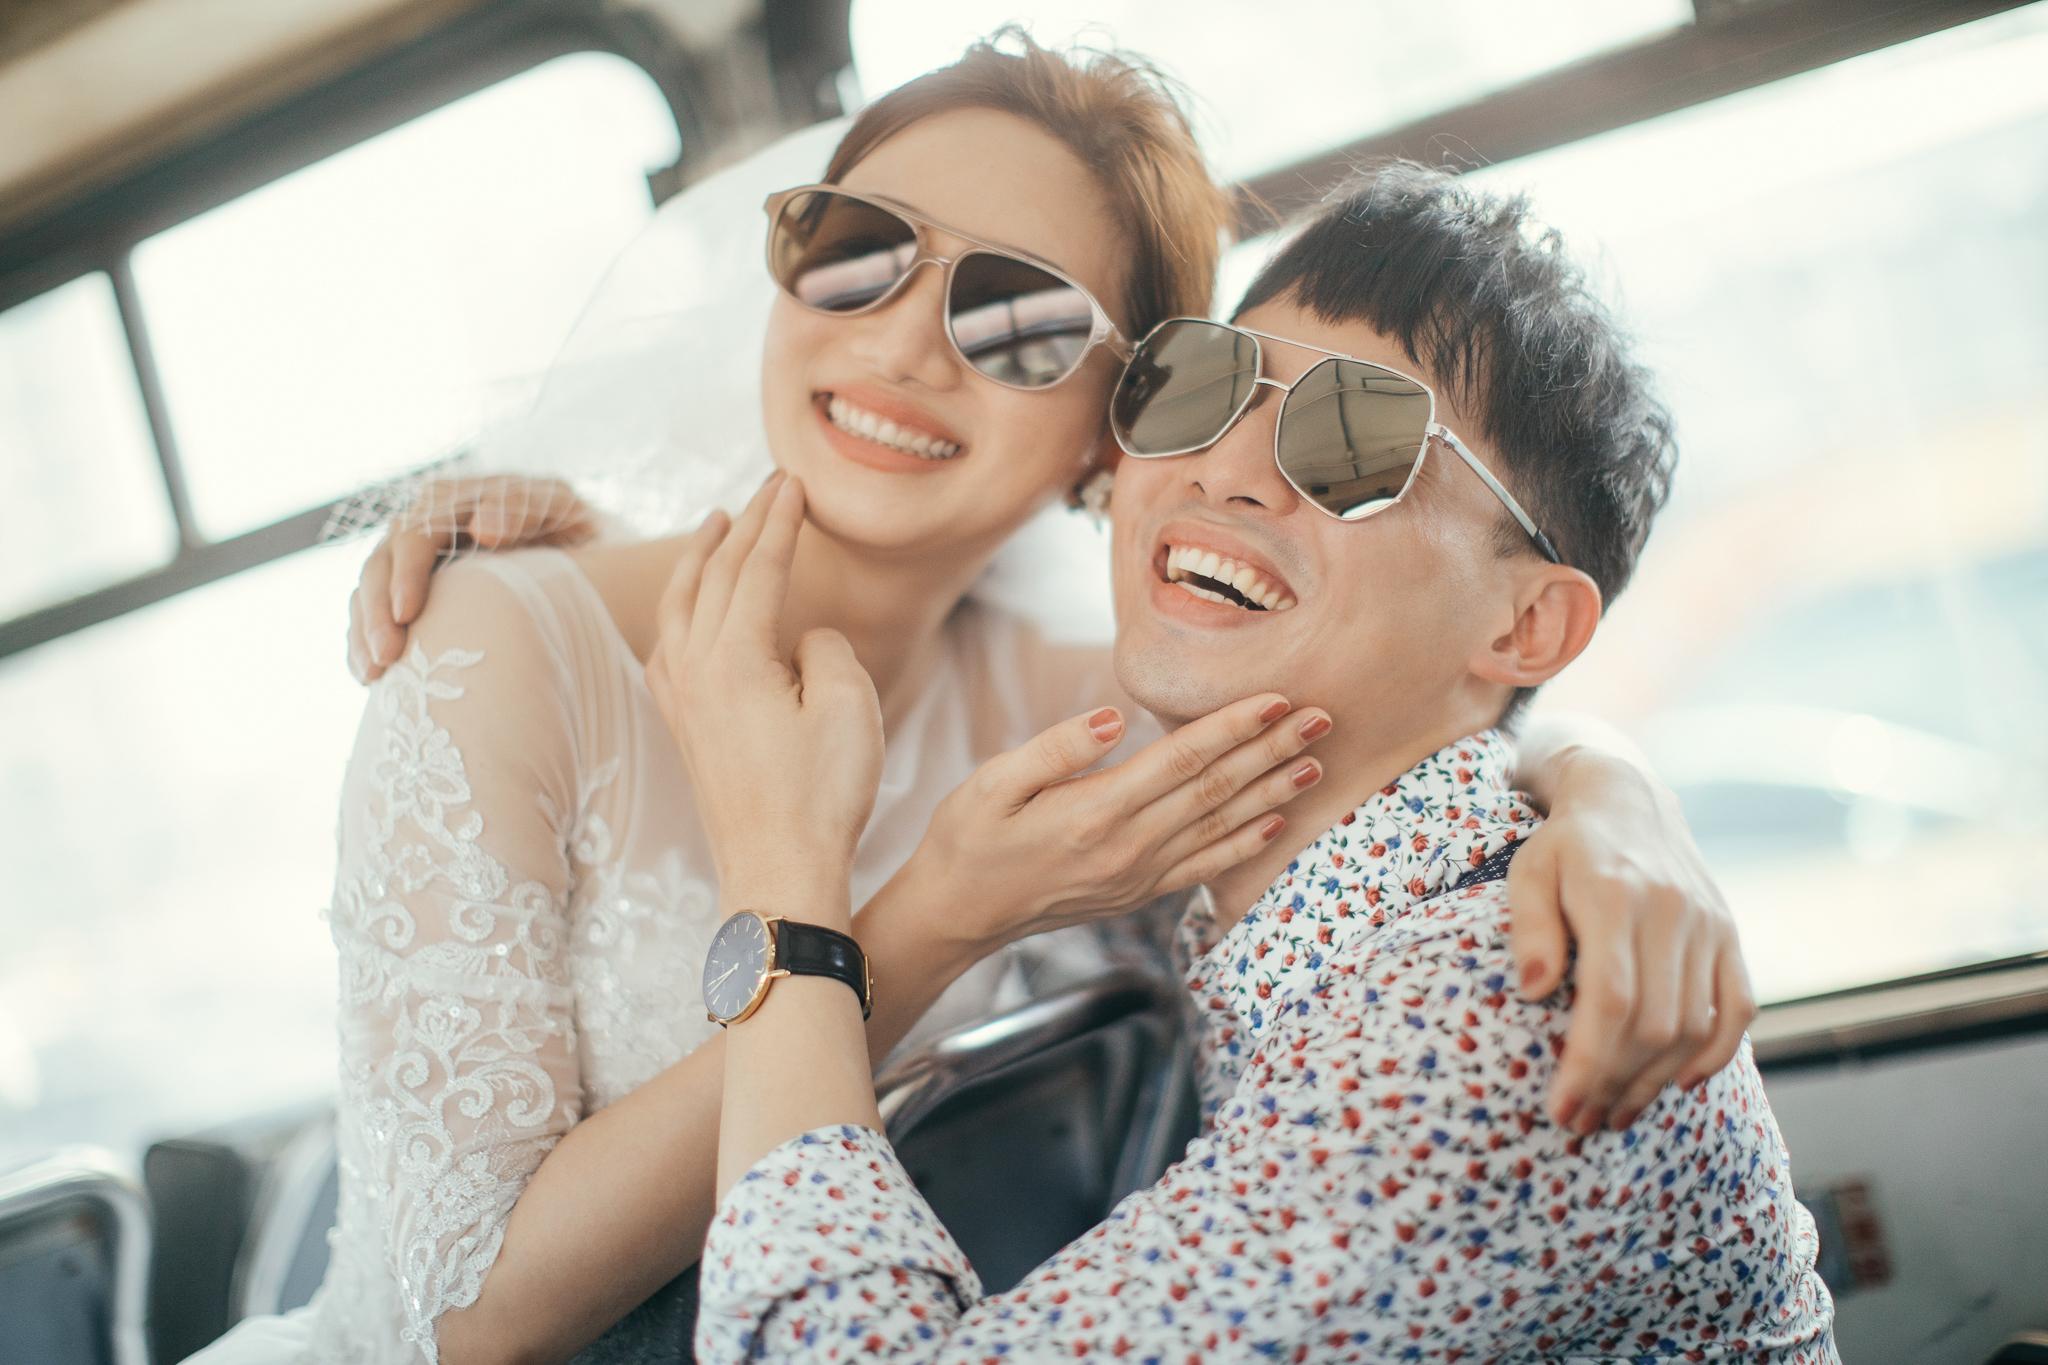 台南自助婚紗|廢棄公車也能拍出空氣感的日系婚紗|Hermosa Wedding